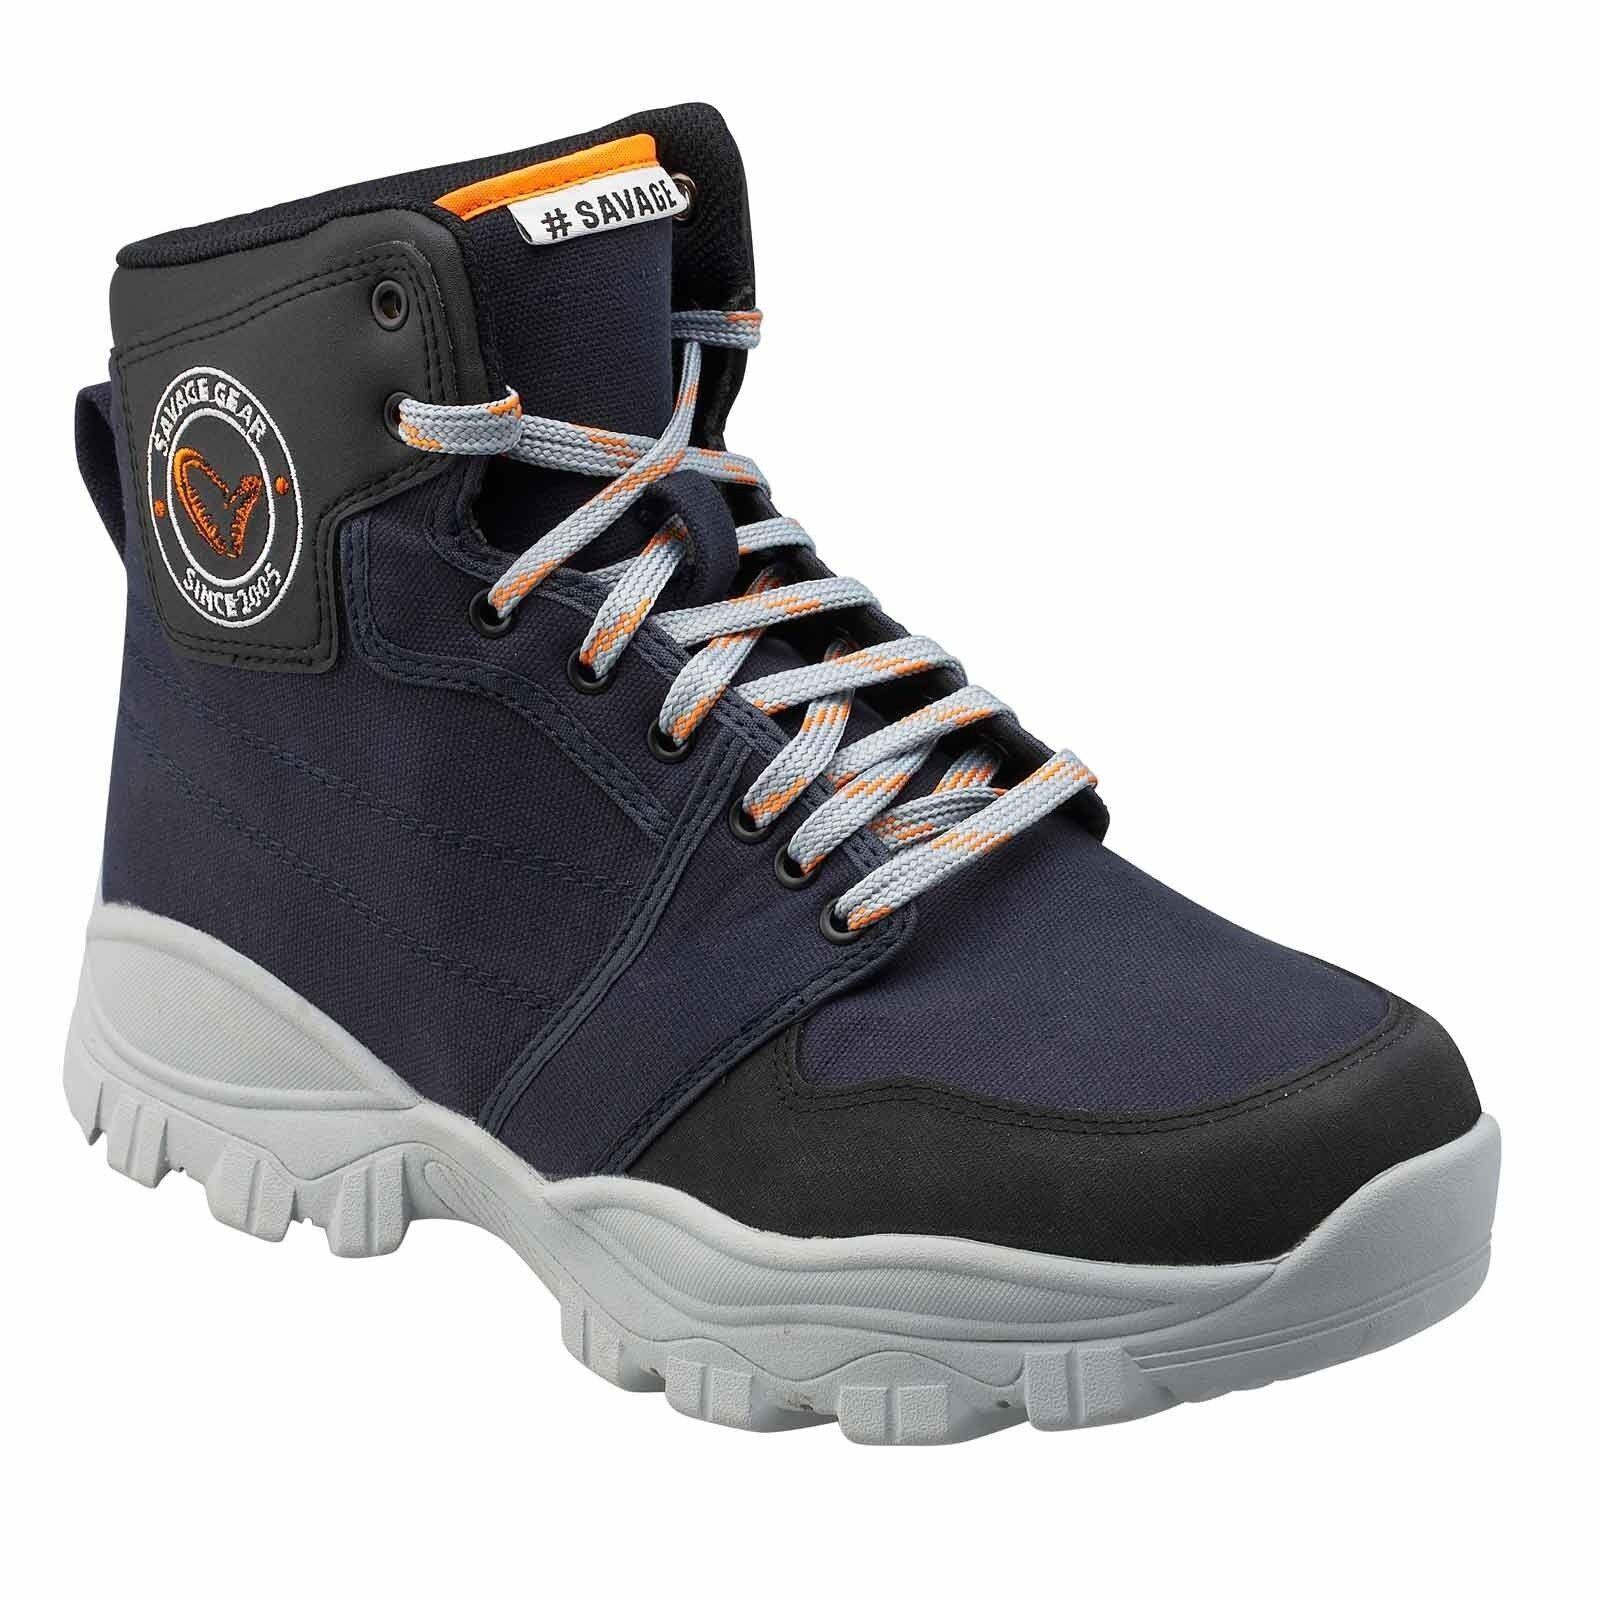 Savage Gear Watschuhe -  SAVAGE Sneaker Wading shoes Gr 44